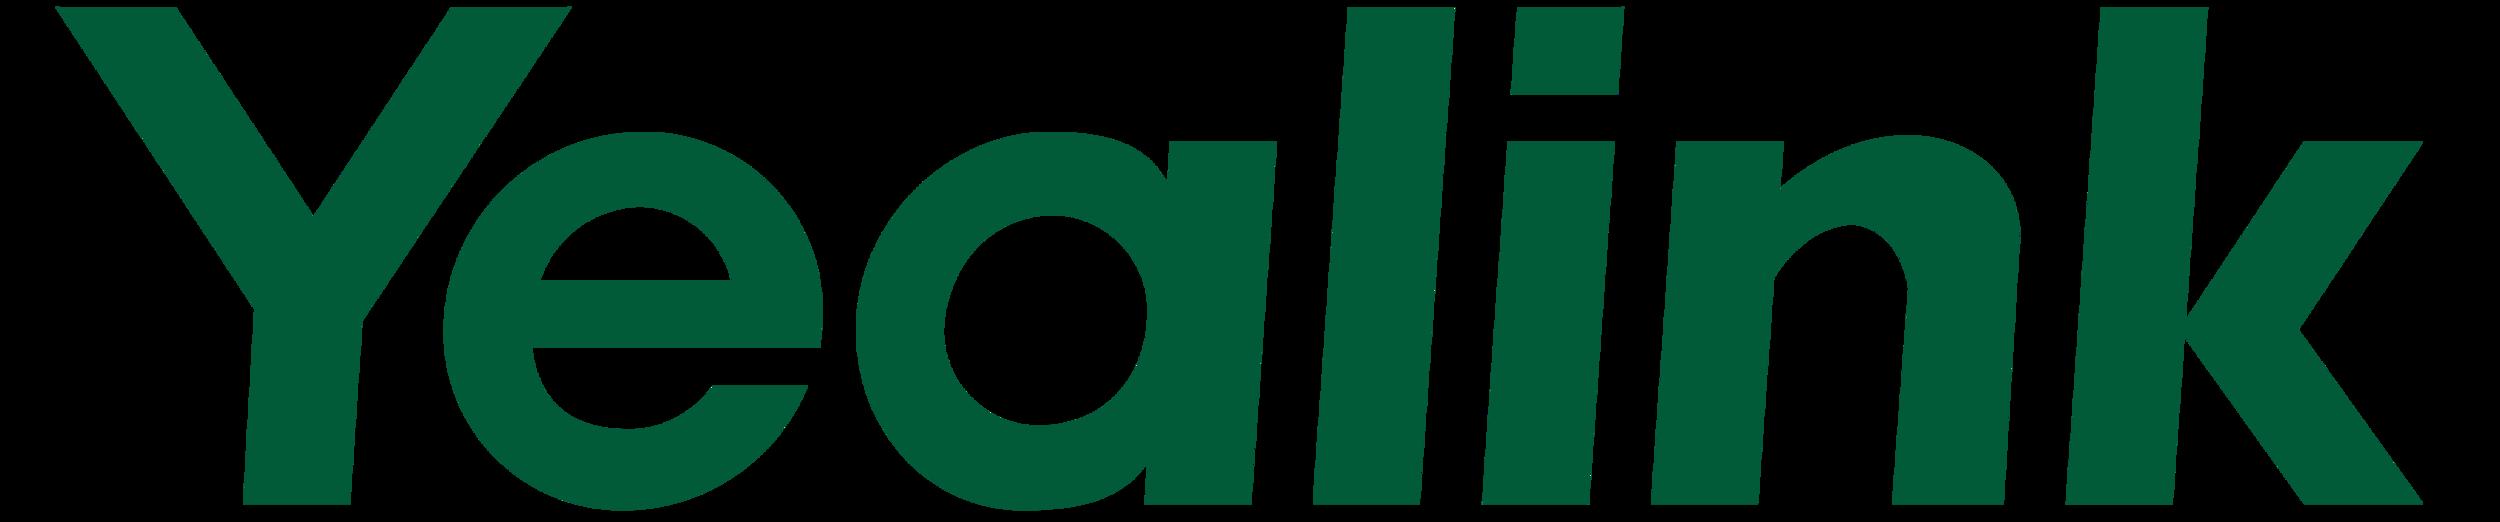 Yealink_logo_logotype.png